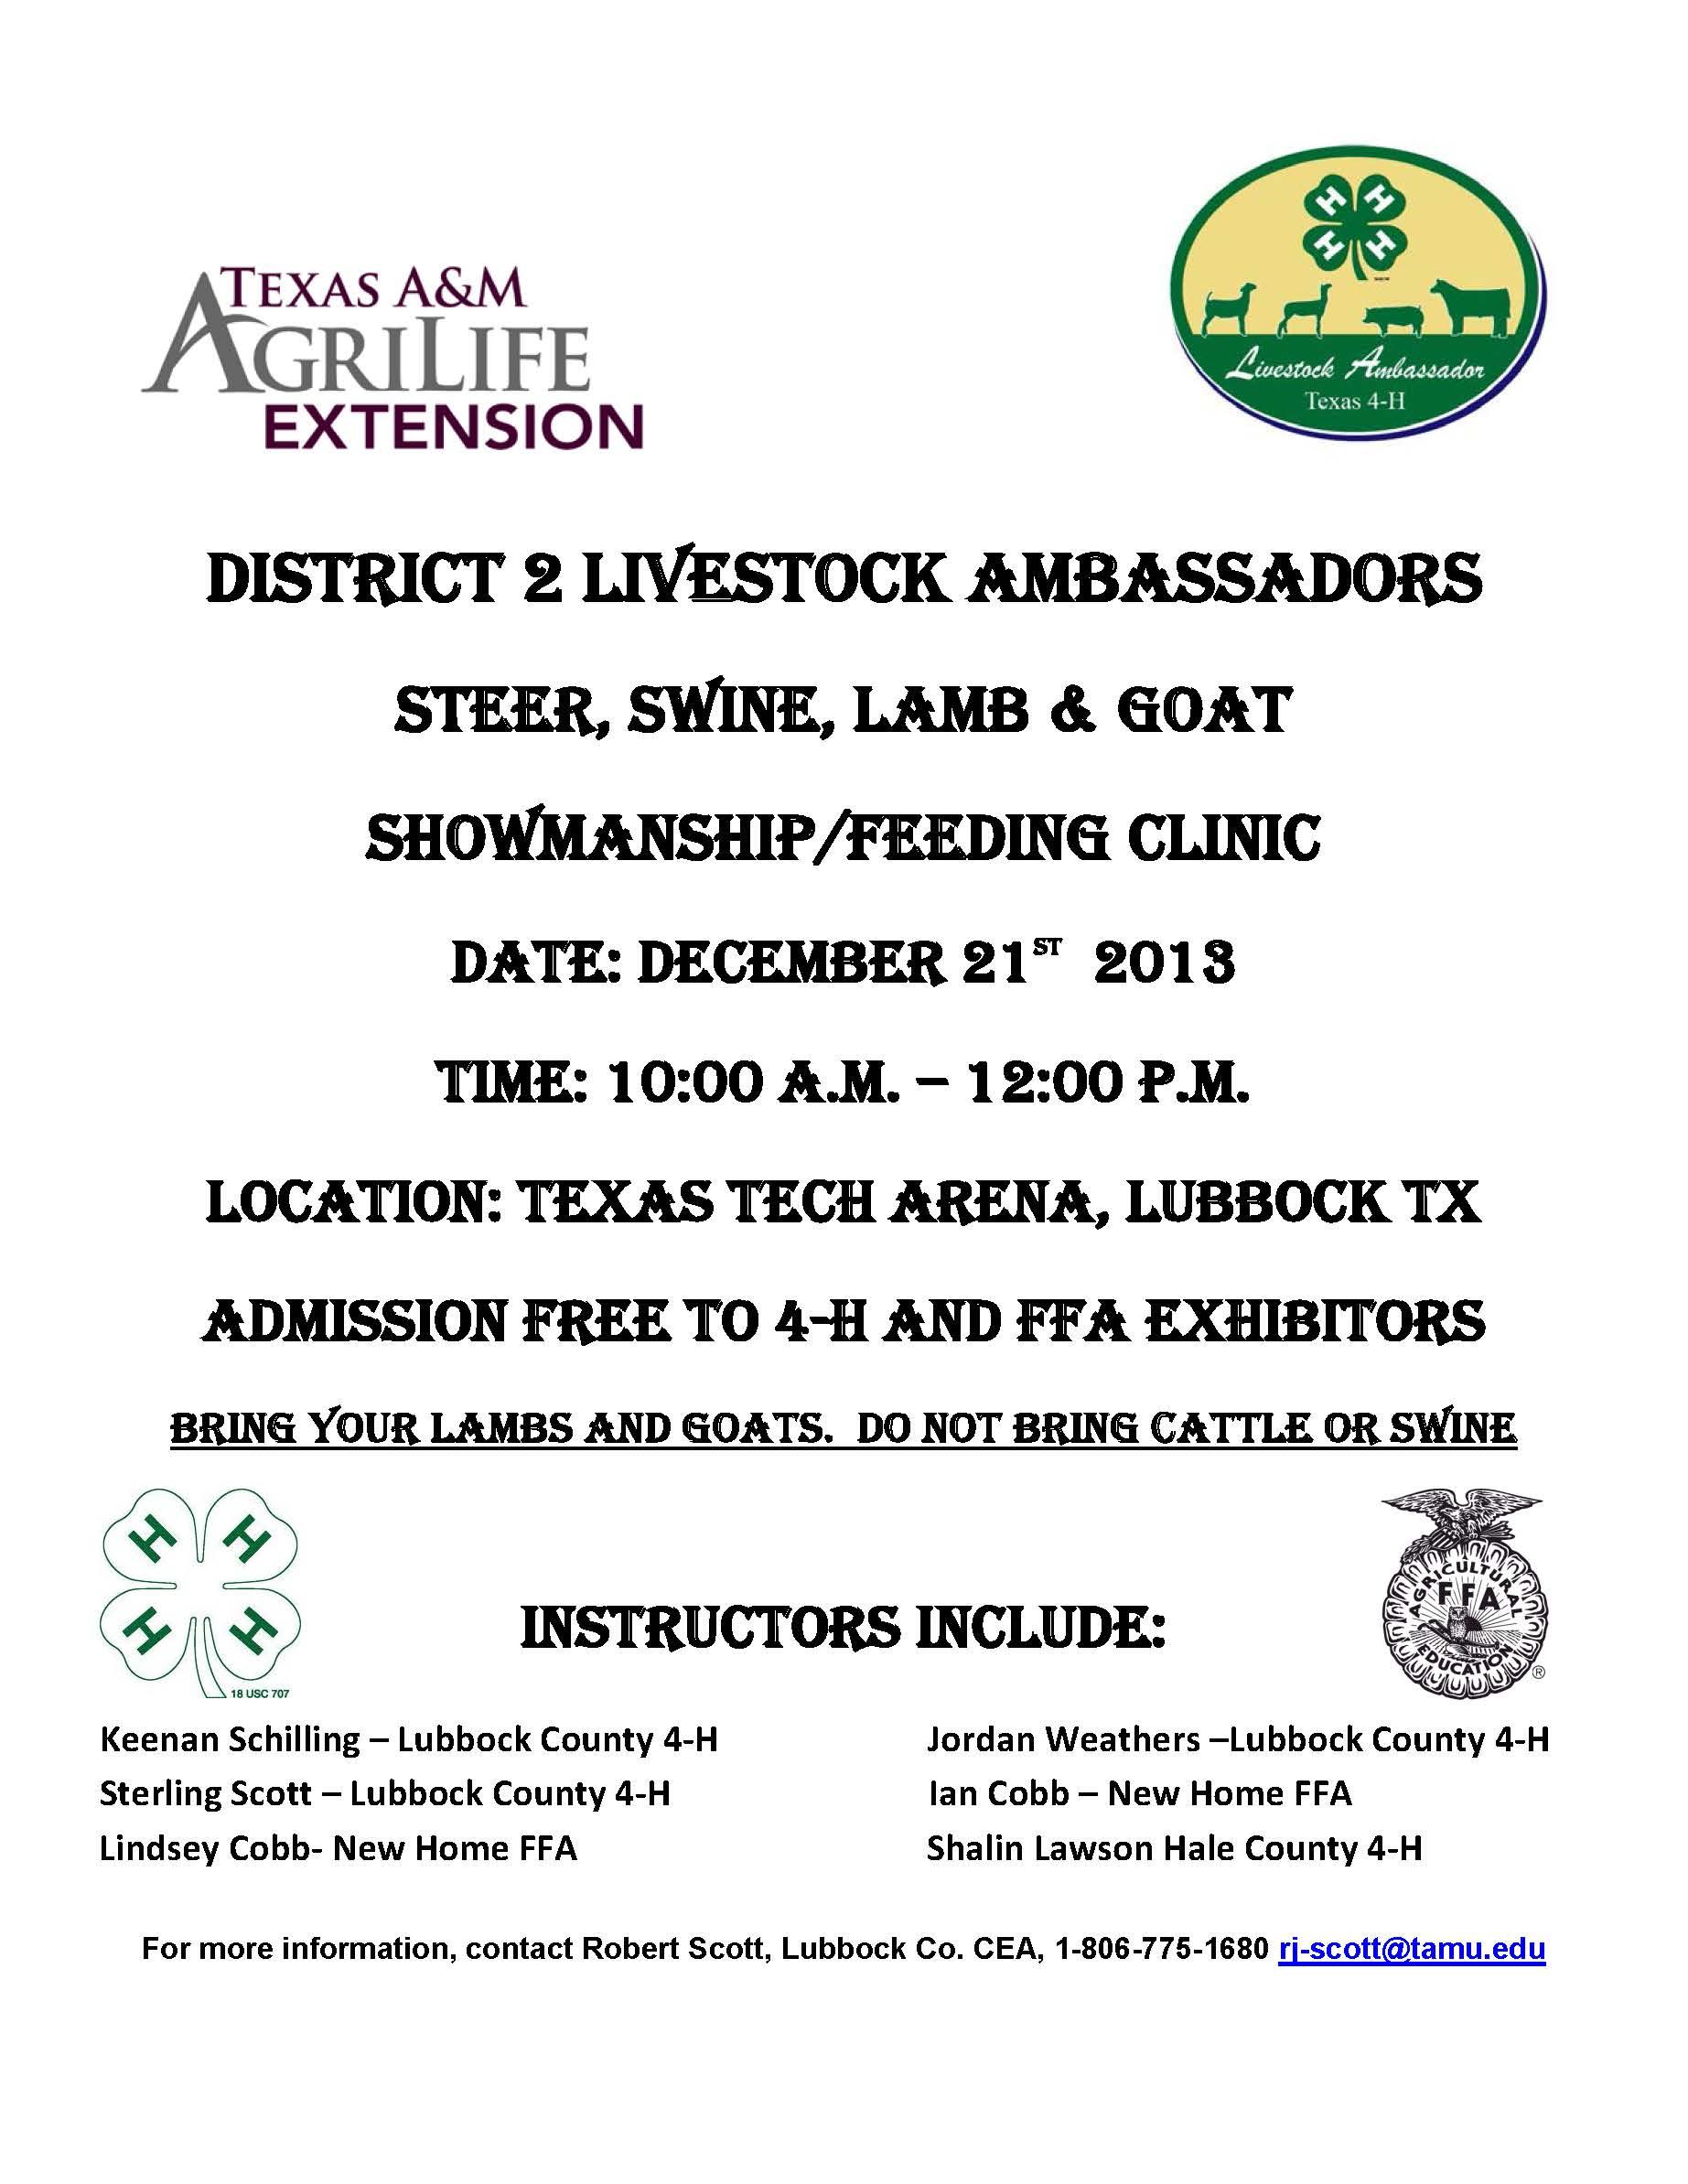 D 2 Livestock Ambassadors Showmanship Feeding Clinic Dec 21